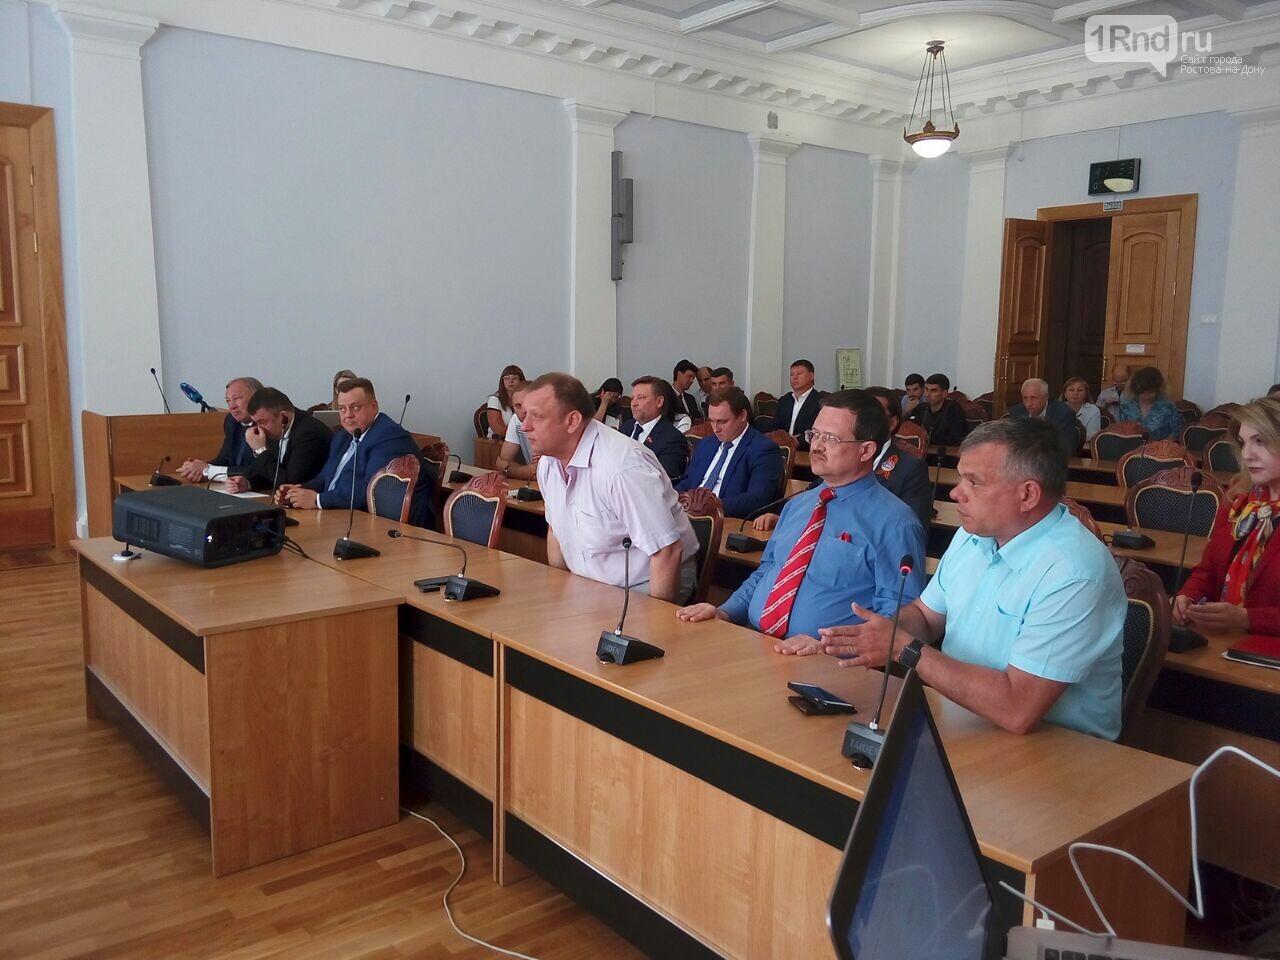 Инцидент с депутатом Игорем Амуралем рассматривает гордума Ростова, фото-3